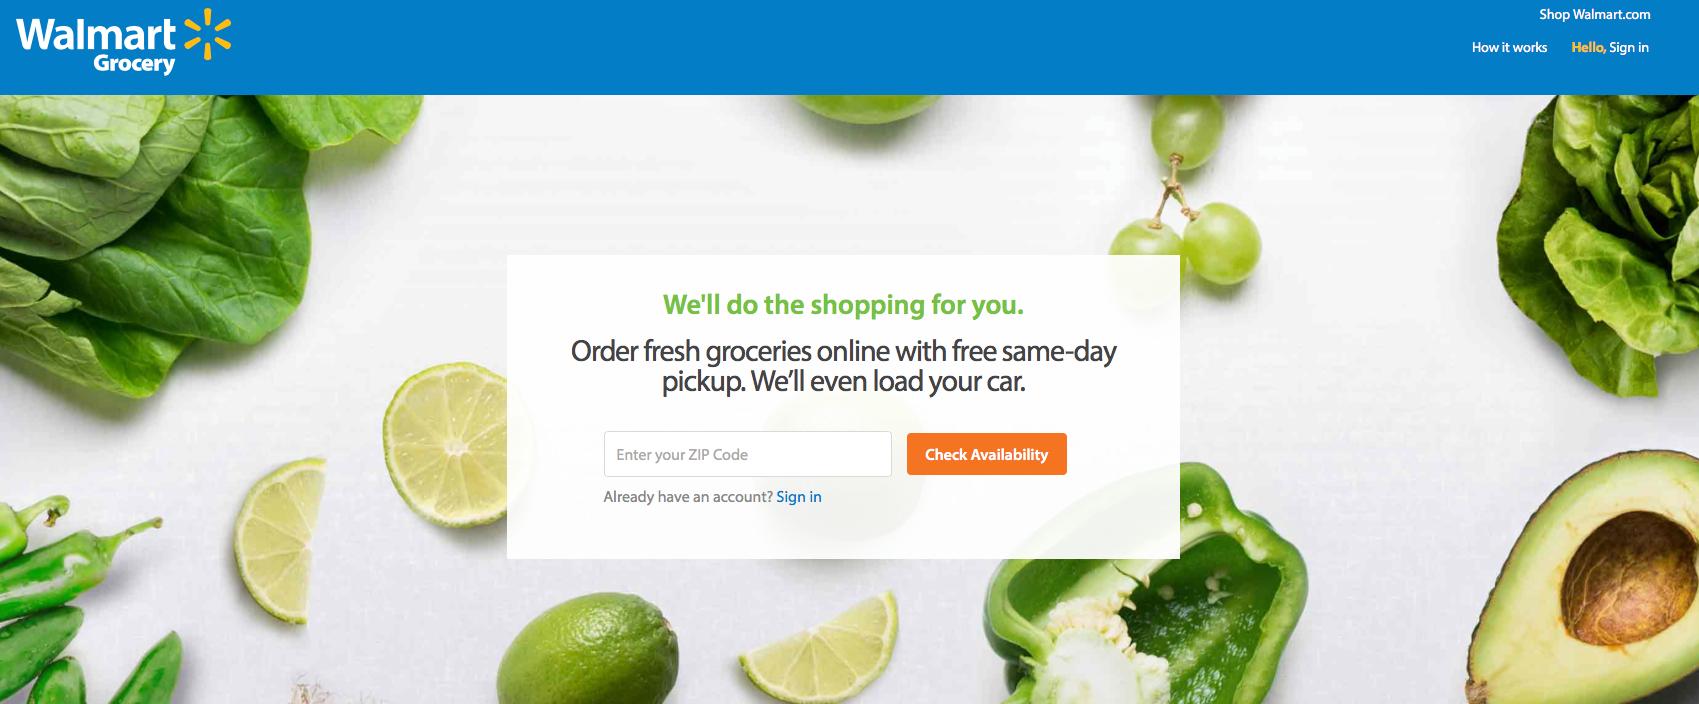 Odbiór towarów w PickUp Grocery Walmart